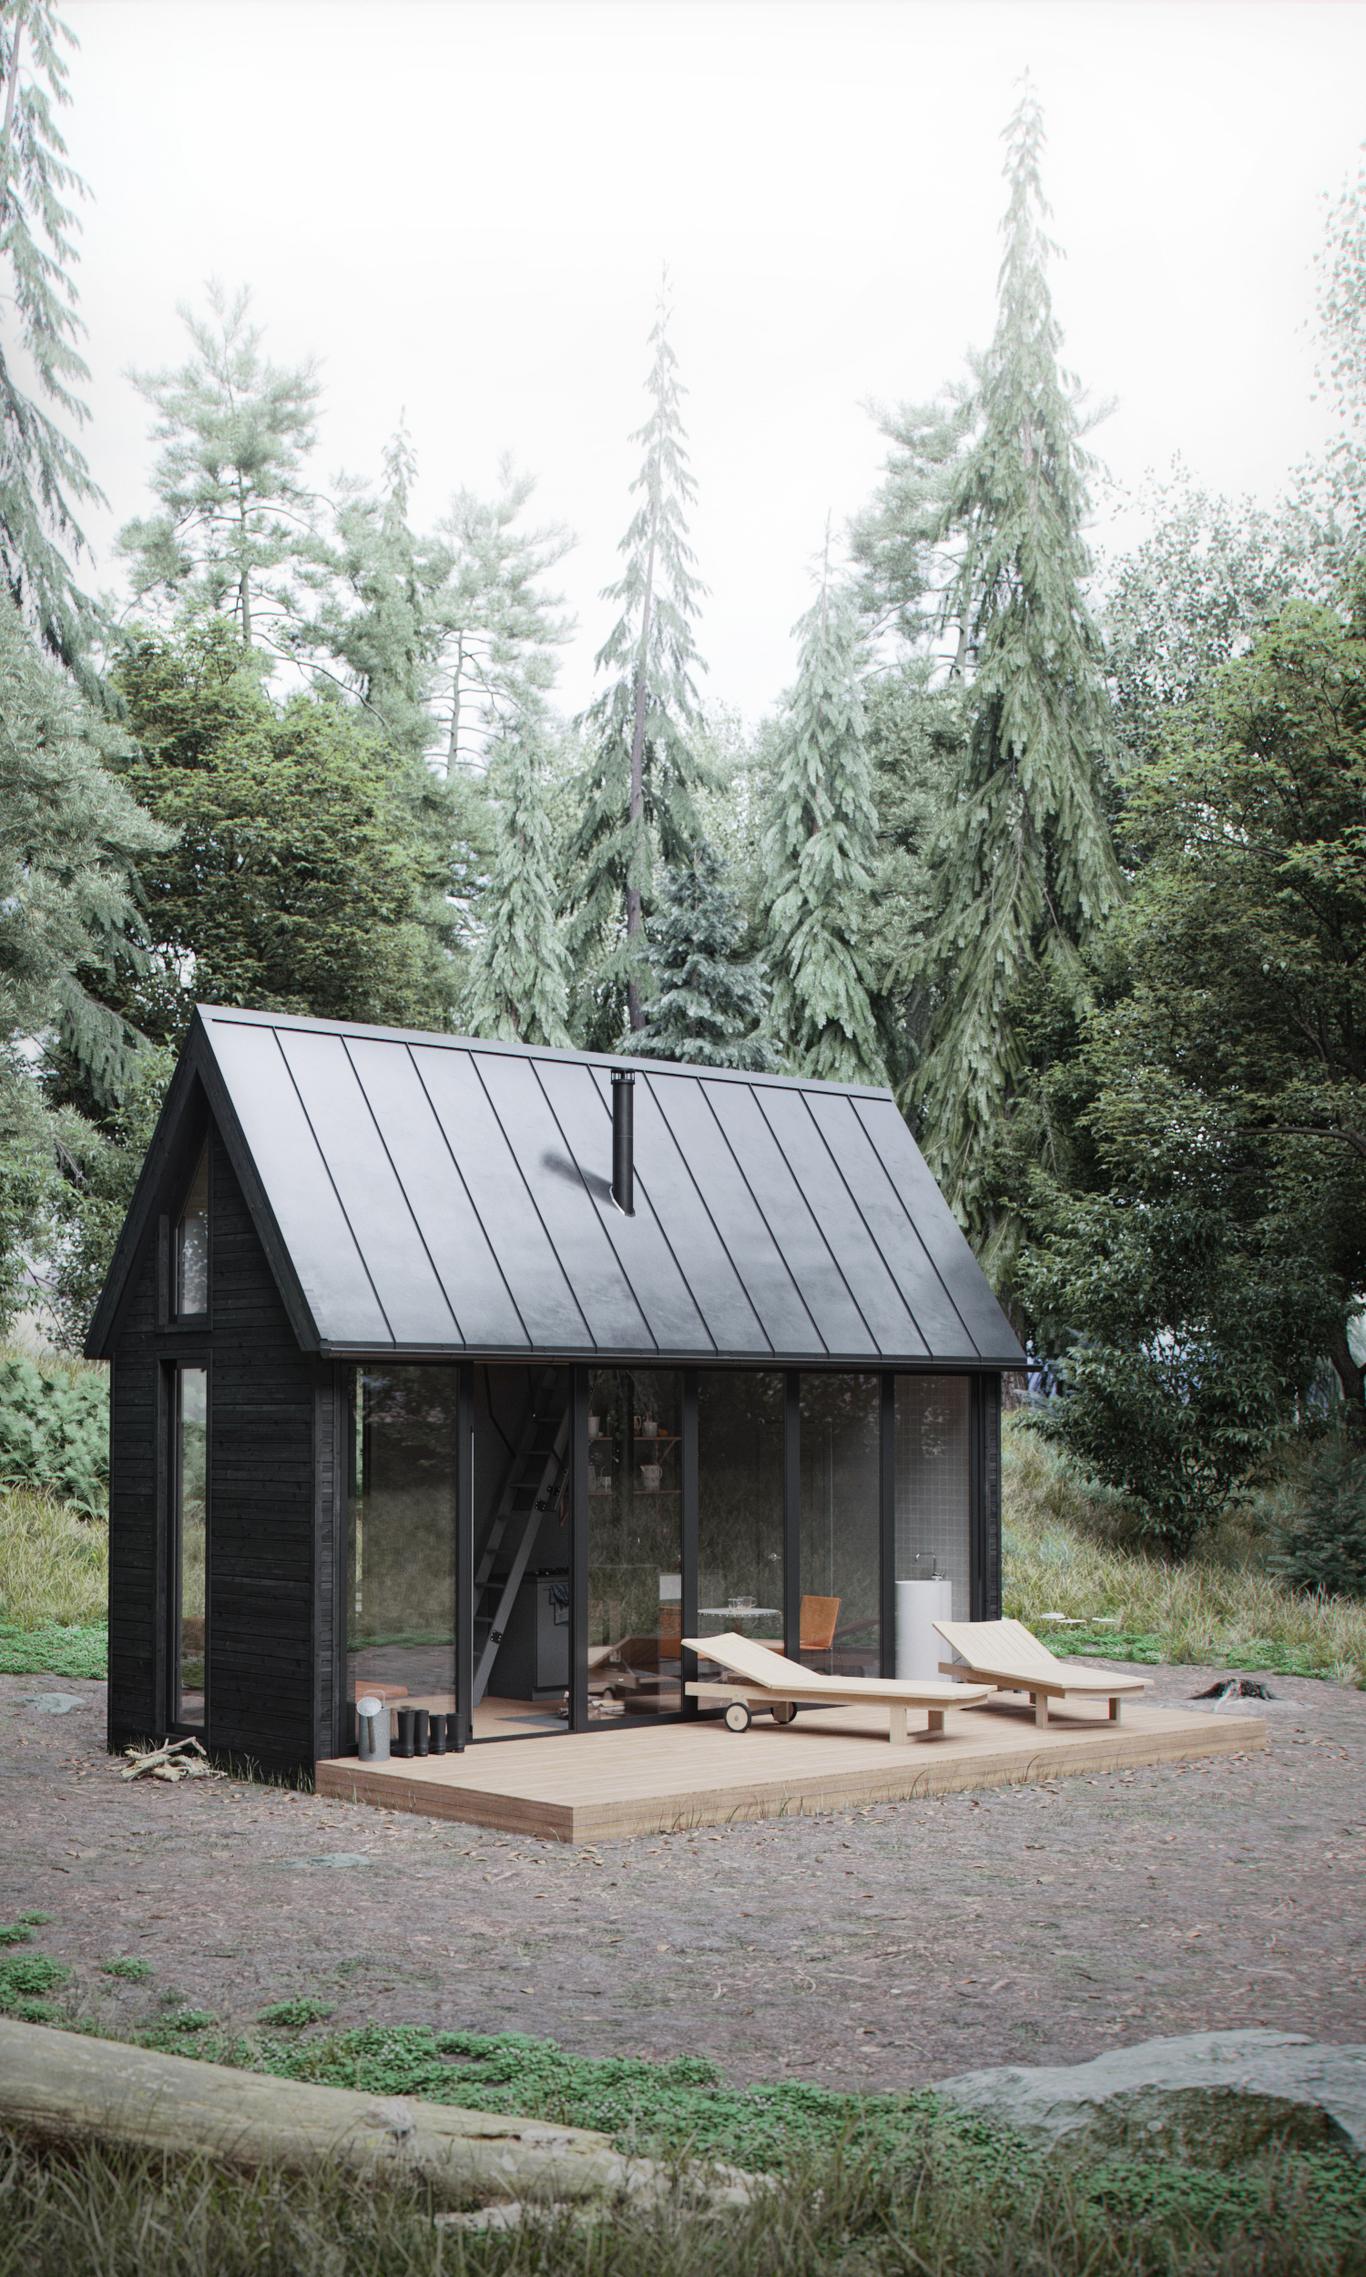 Dmitshuka scandinavian house 1 7880af70 xydm